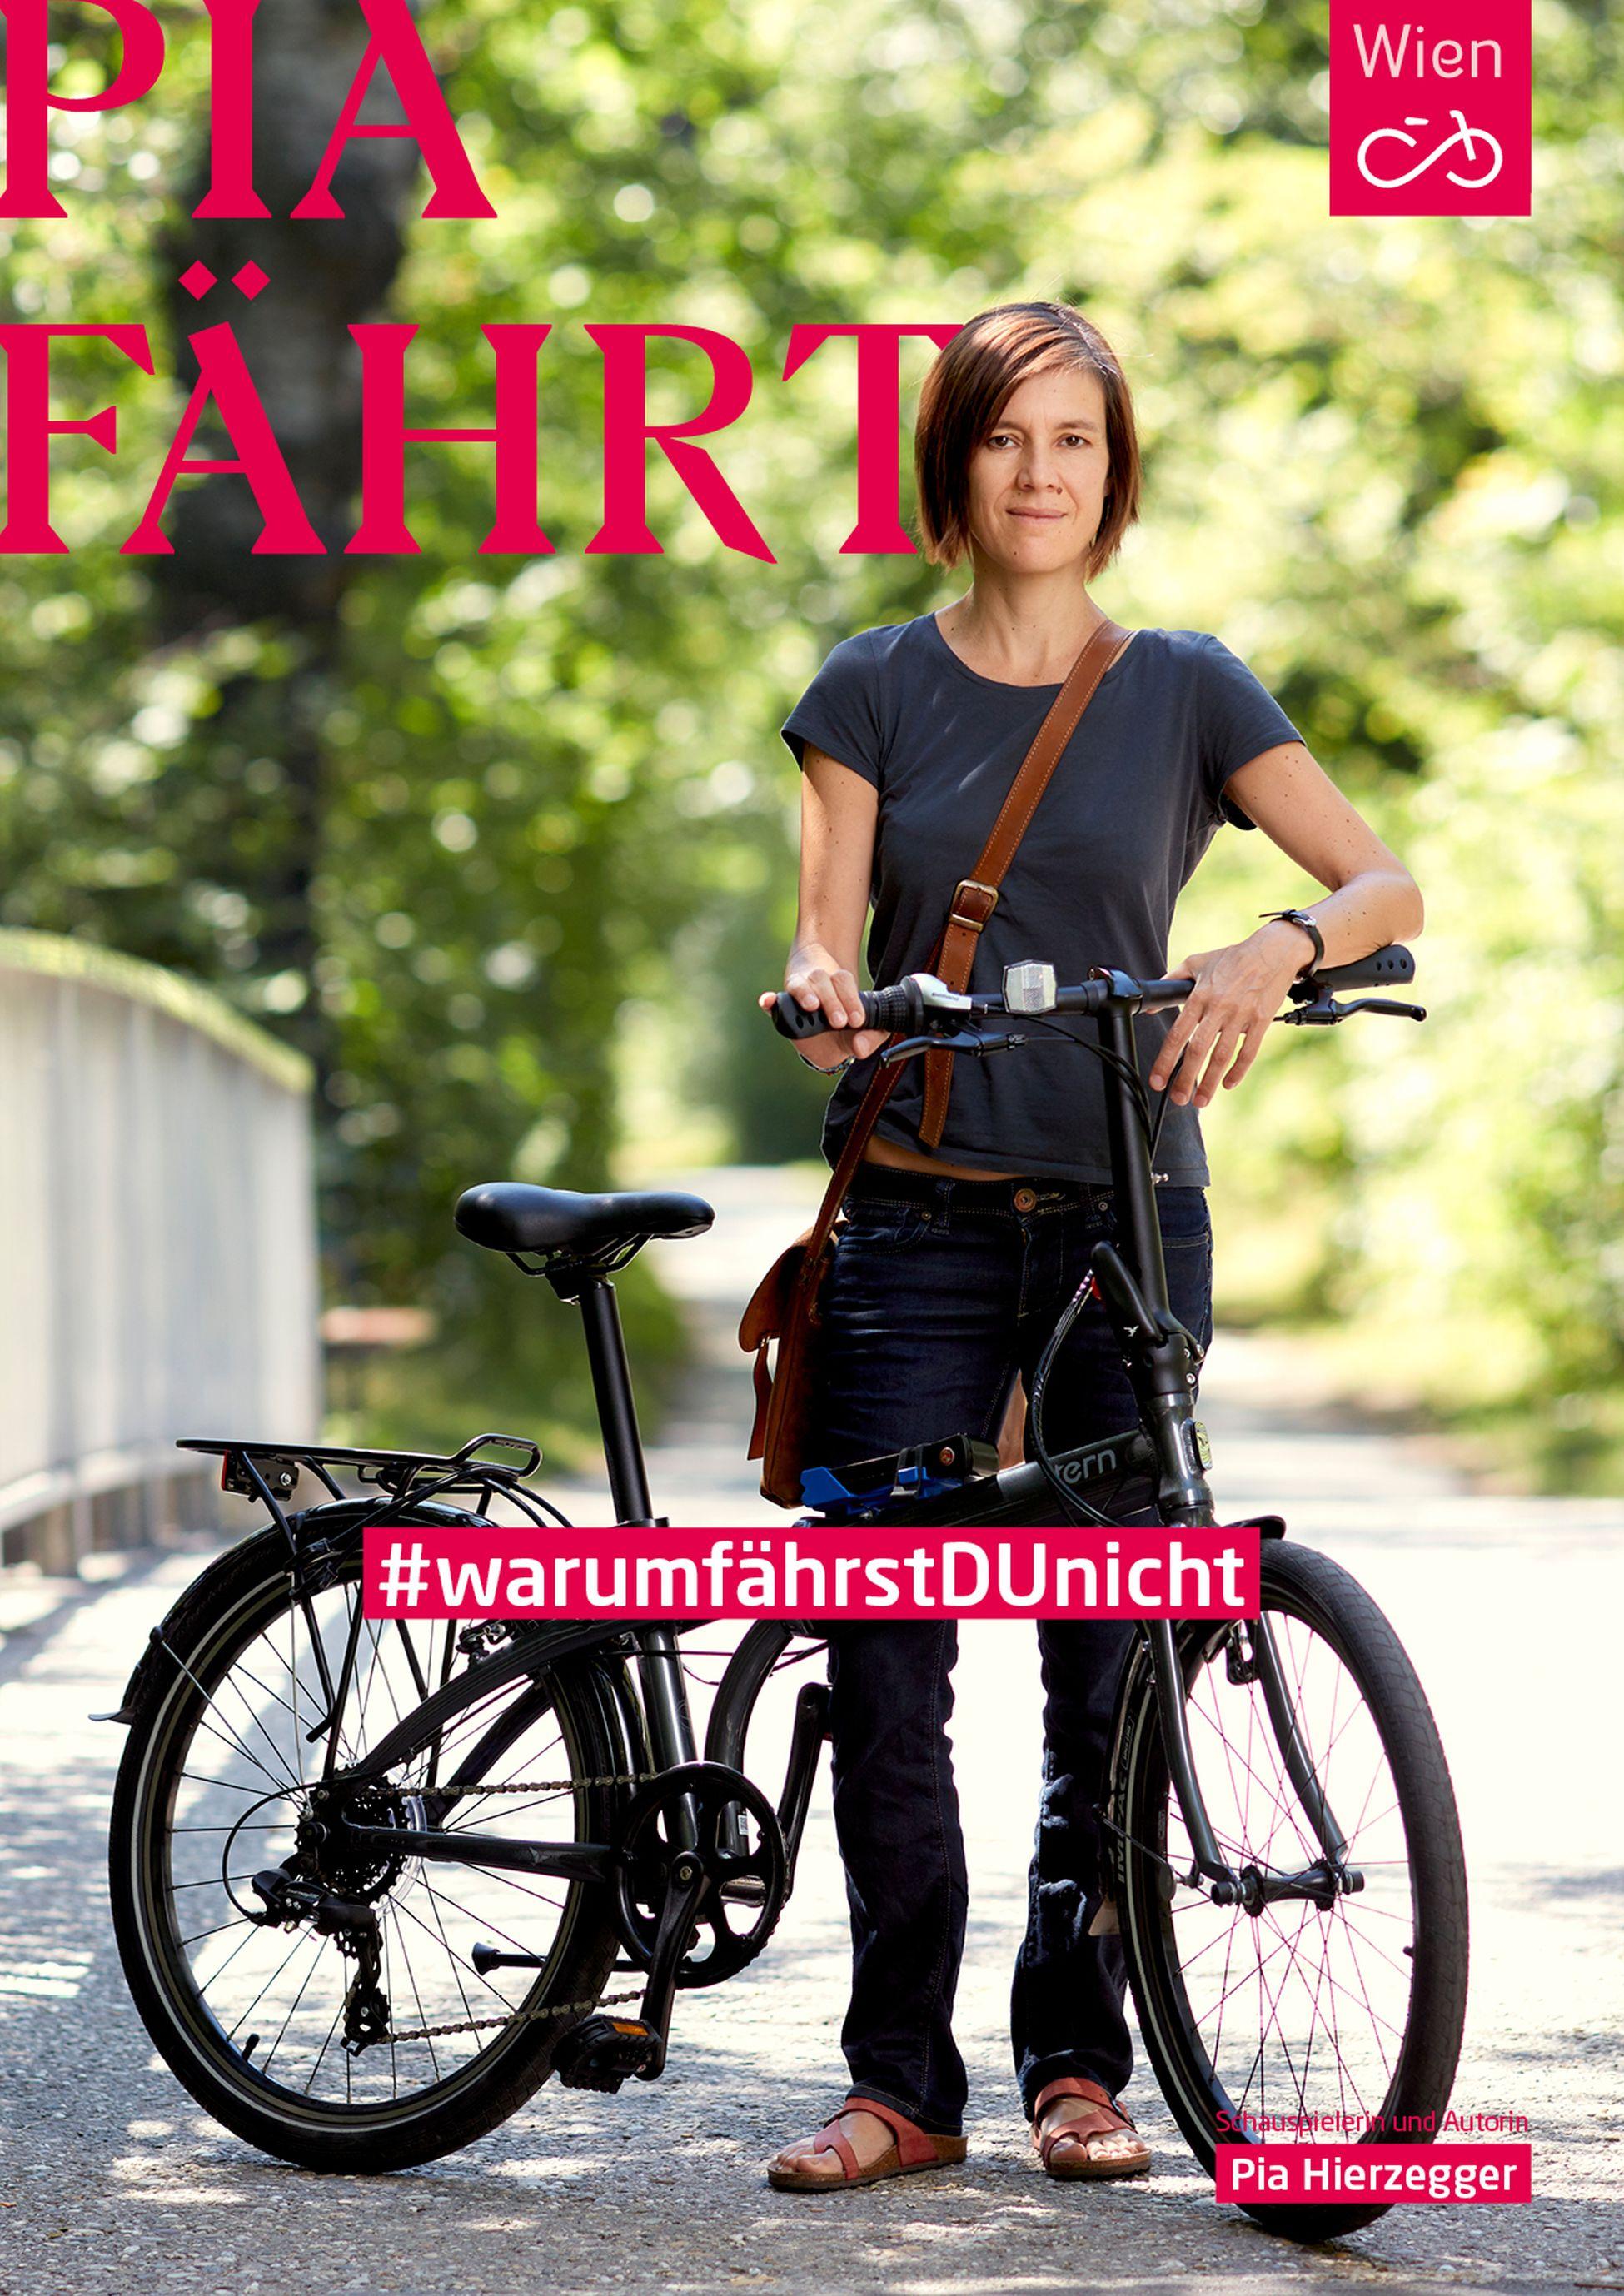 Schauspielrin Pia Herzegger mit dem Fahrrad im Prater. Foto: Ian Ehm